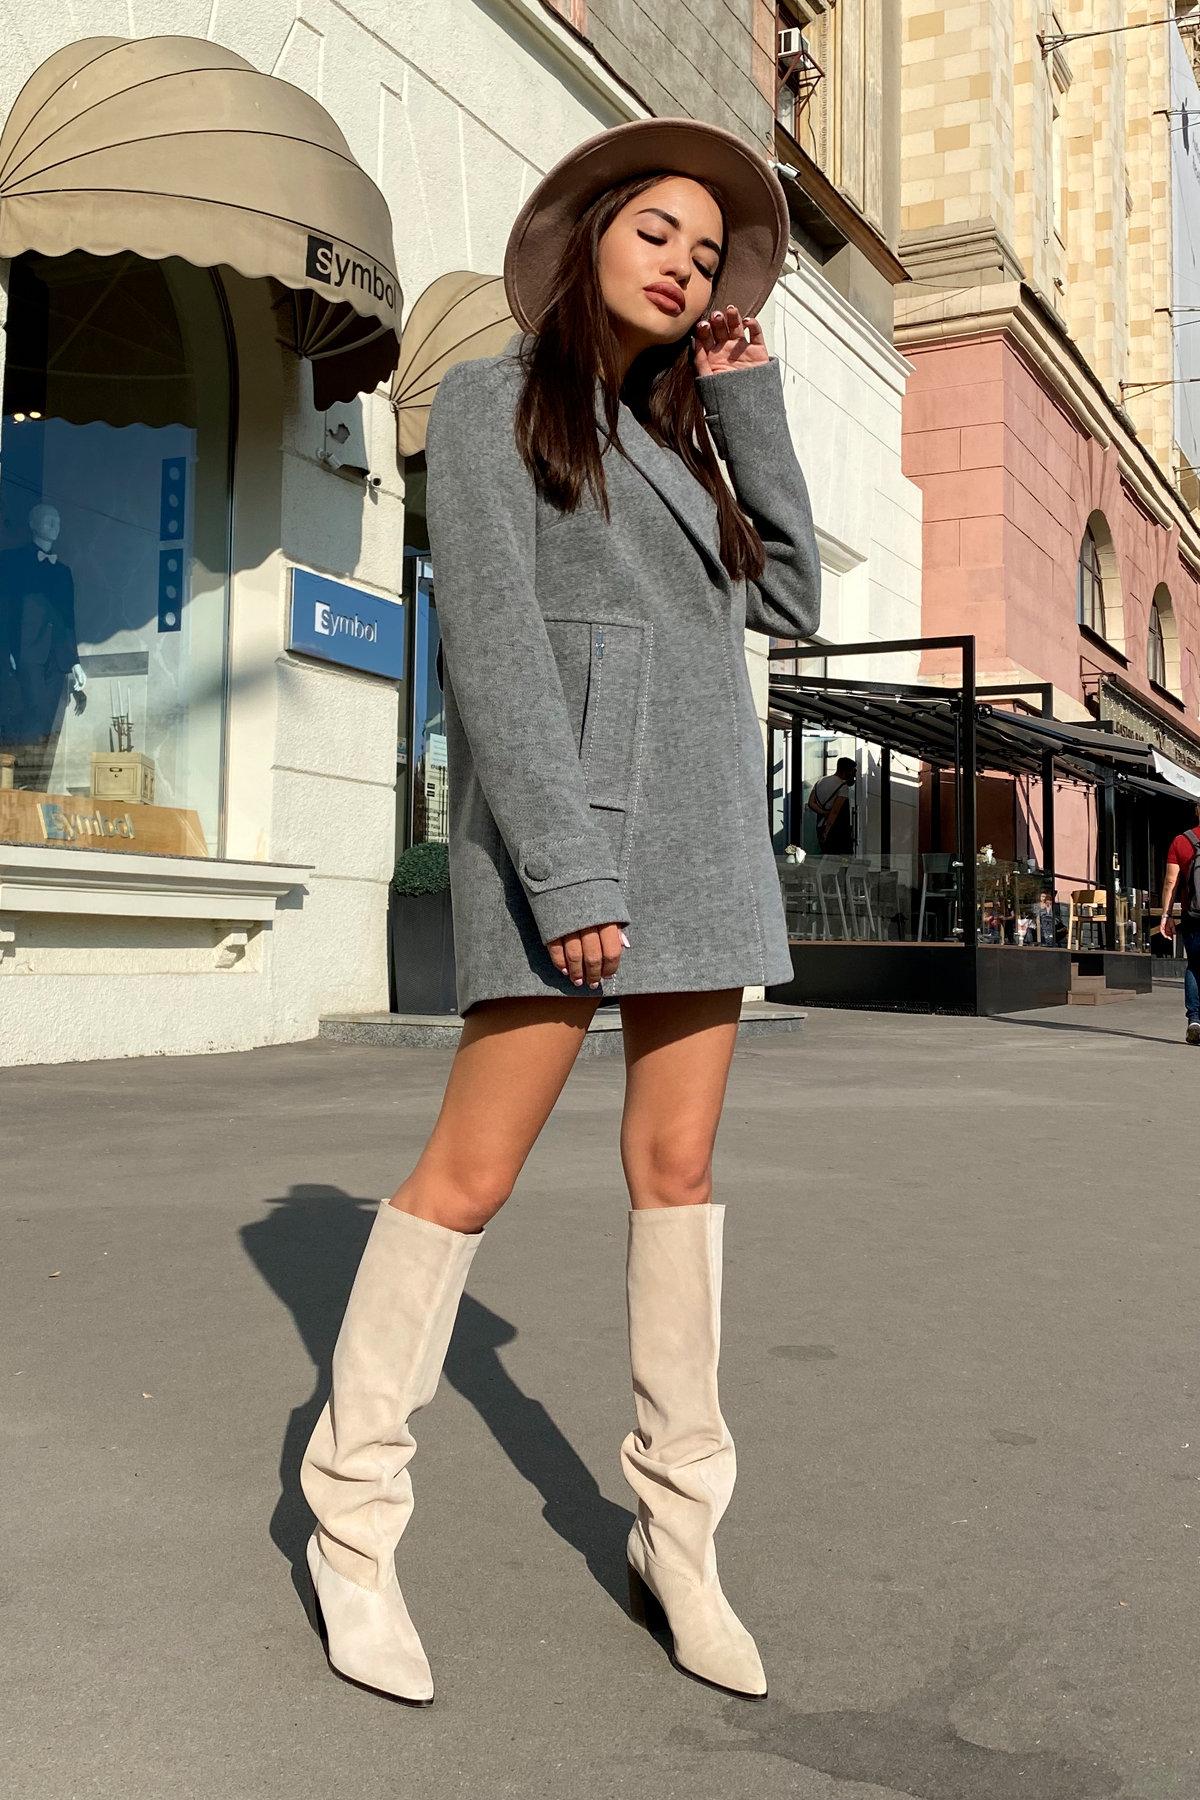 Пальто Смарта 6395 АРТ. 41427 Цвет: Серый 18 - фото 3, интернет магазин tm-modus.ru